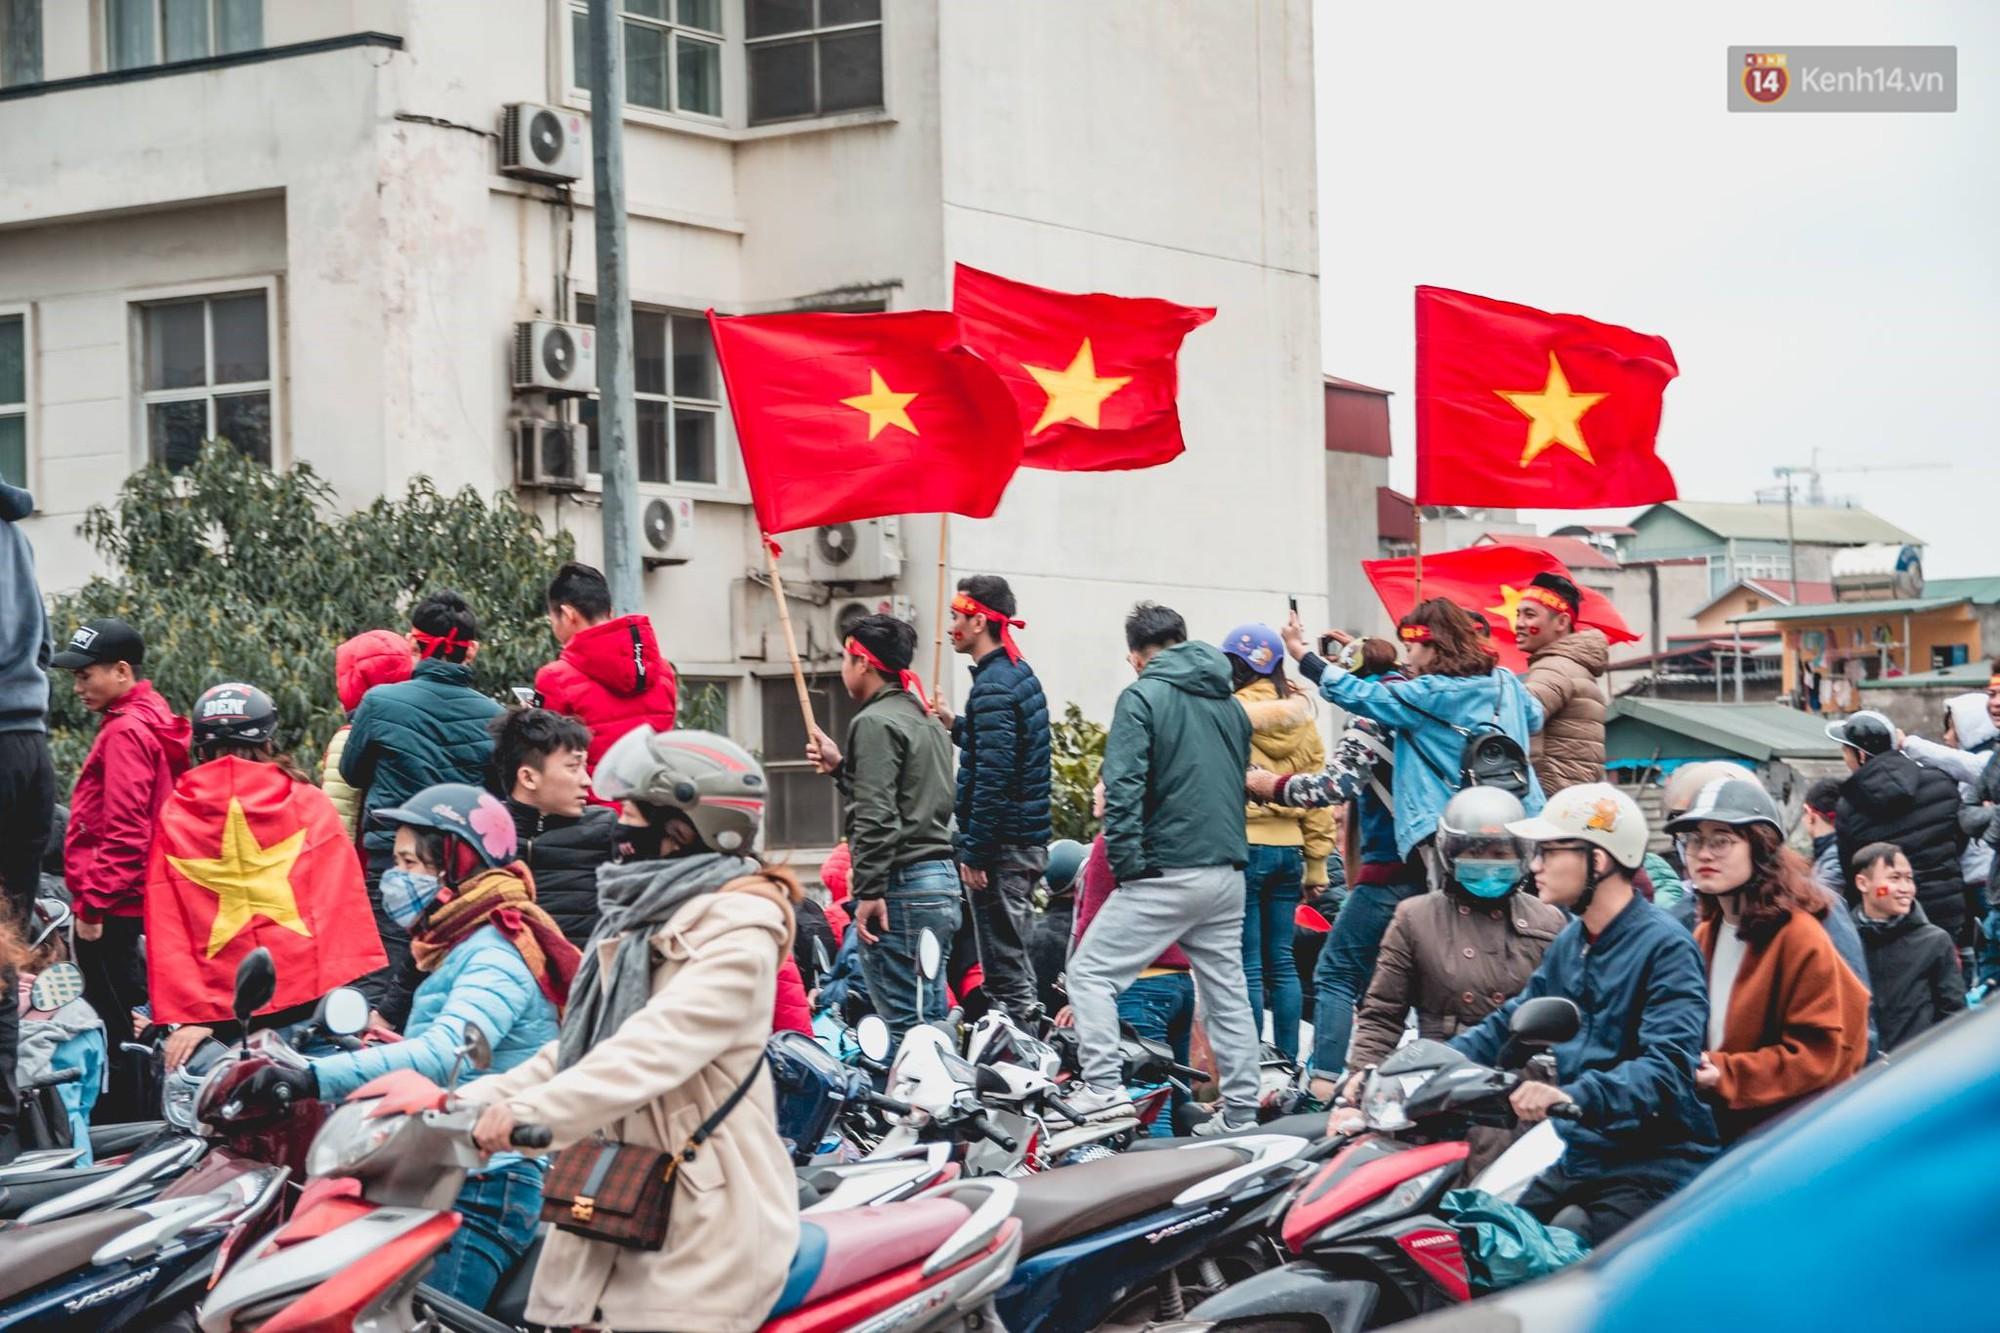 Tình yêu người hâm mộ quá lớn: Đường phố rợp xe và cờ, hơn 4 tiếng đoàn xe của U23 Việt Nam mới có thể tiến vào nội đô - Ảnh 13.